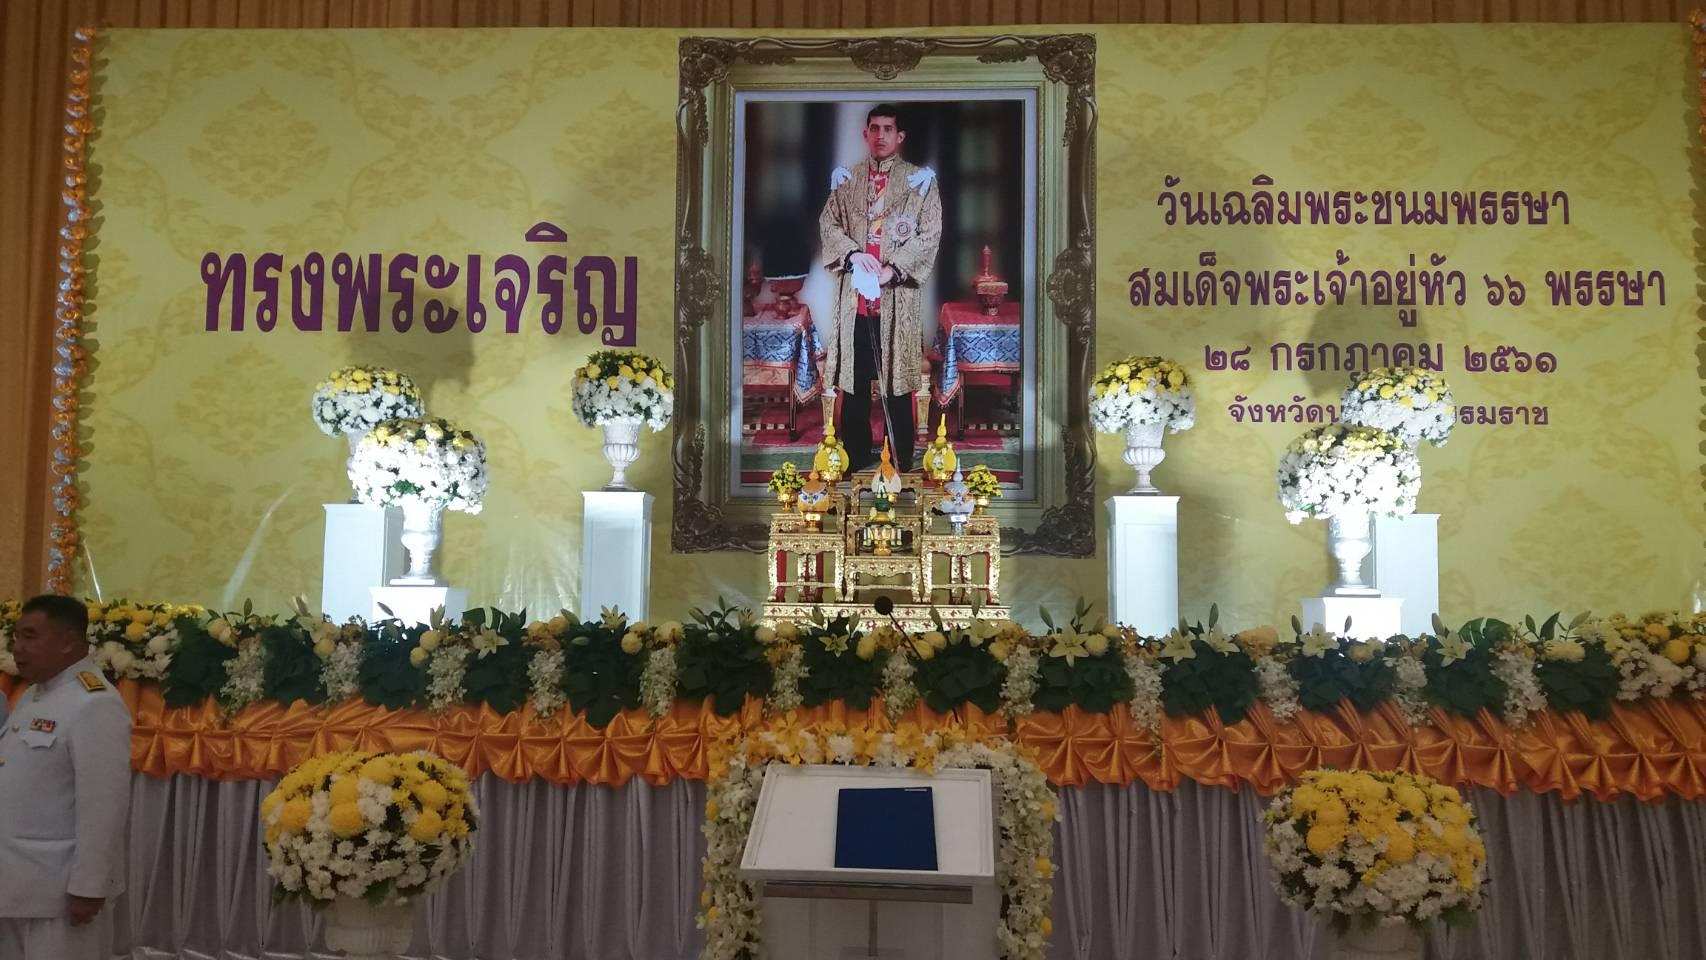 กิจกรรมเฉลิมพระเกียรติ เนื่องในโอกาสวันเฉลิมพระชนมพรรษาสมเด็จพระเจ้าอยู่หัว 66 พรรษา 28 ก.ค. 2561